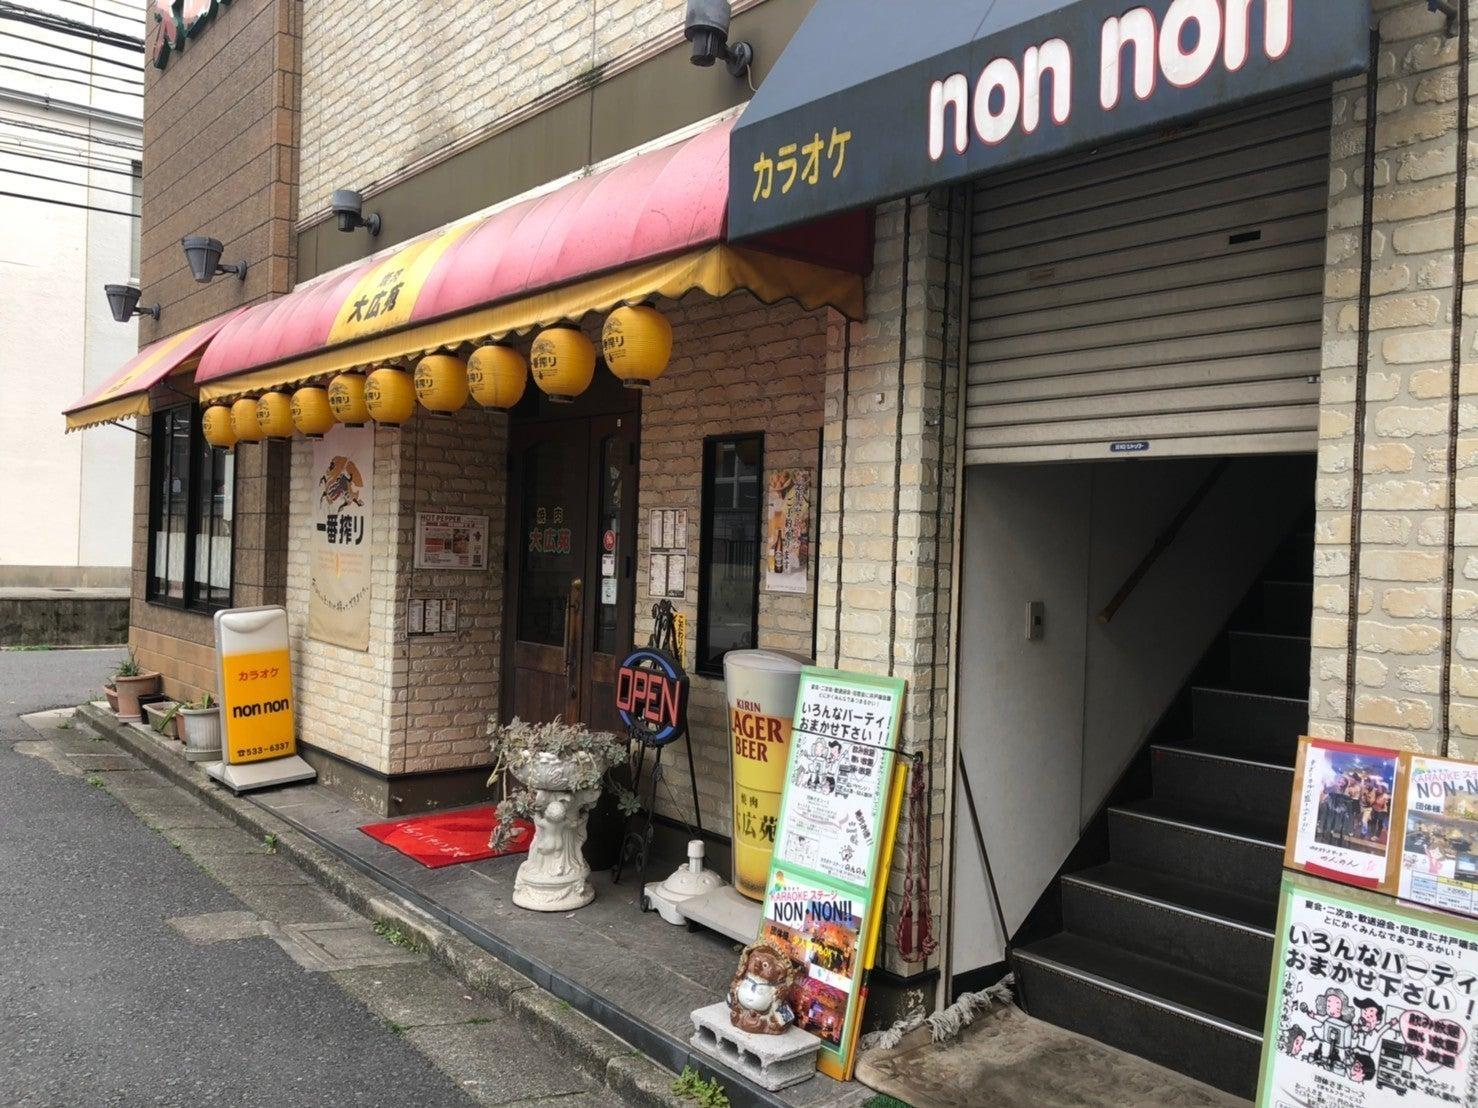 小倉駅5分、チャチャタウン2分、カラオケ🎤社交ダンス💃ライブ・コンサート🕺二次会🎉 の写真